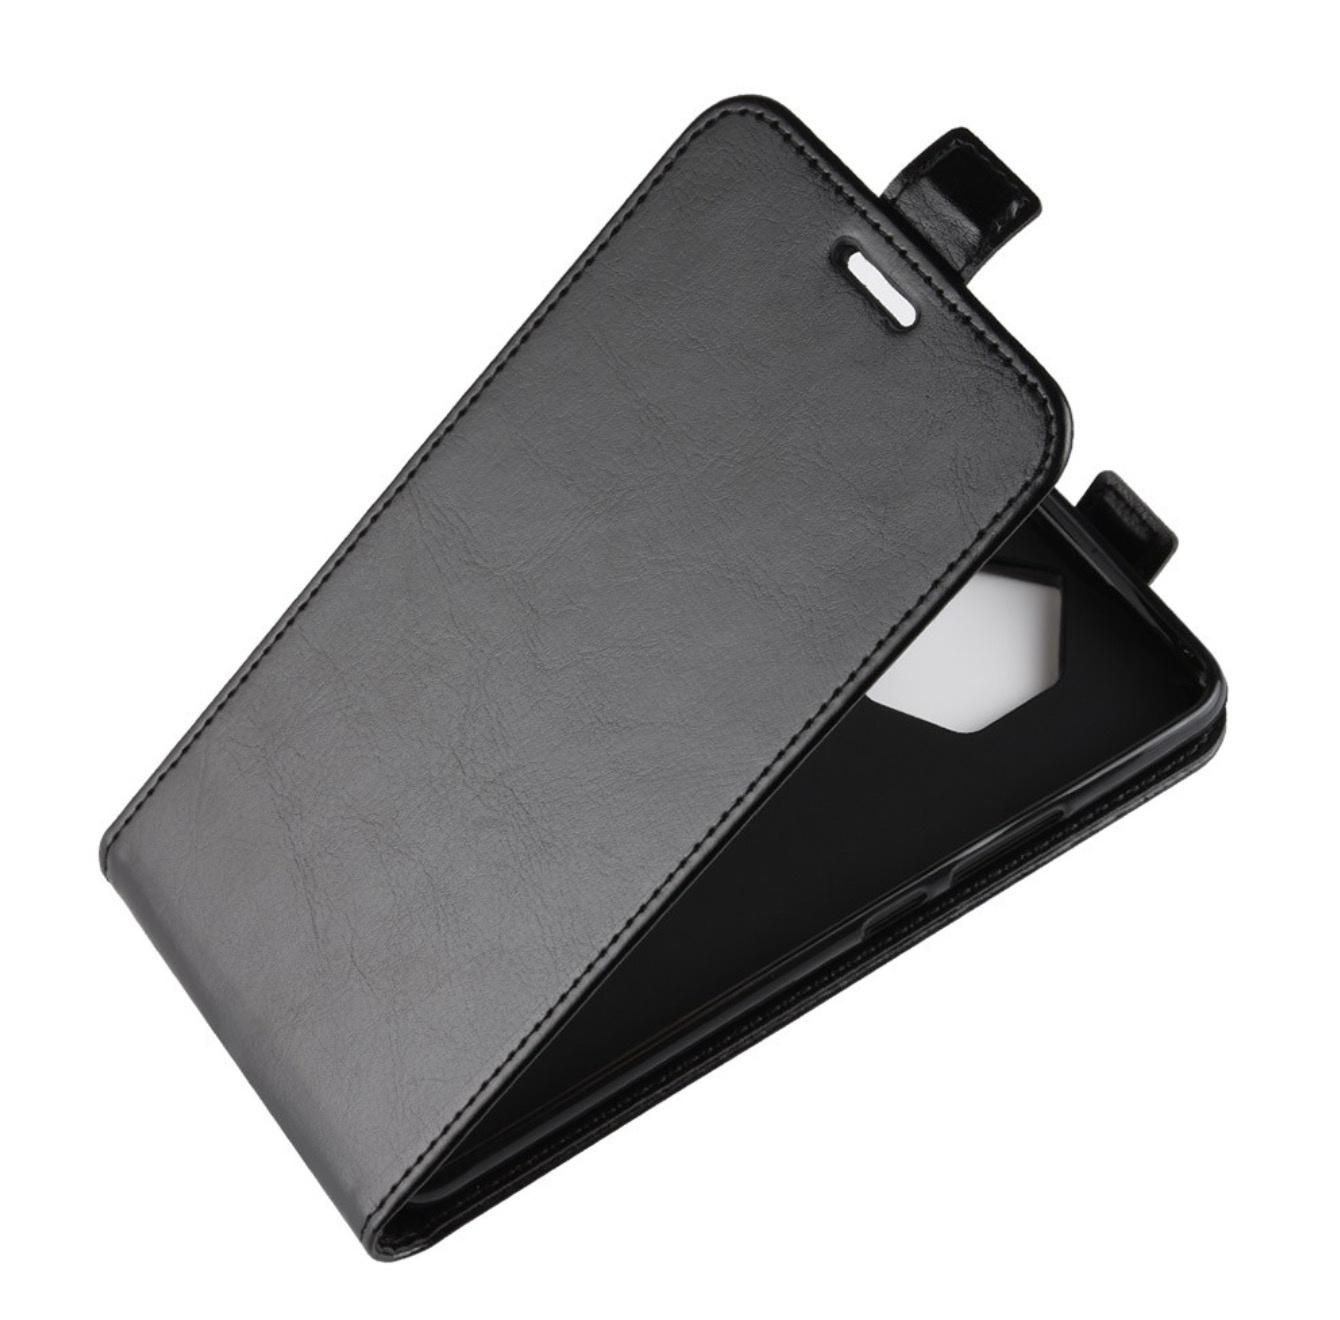 все цены на Чехол-флип MyPads для Nokia Lumia 520 вертикальный откидной черный онлайн